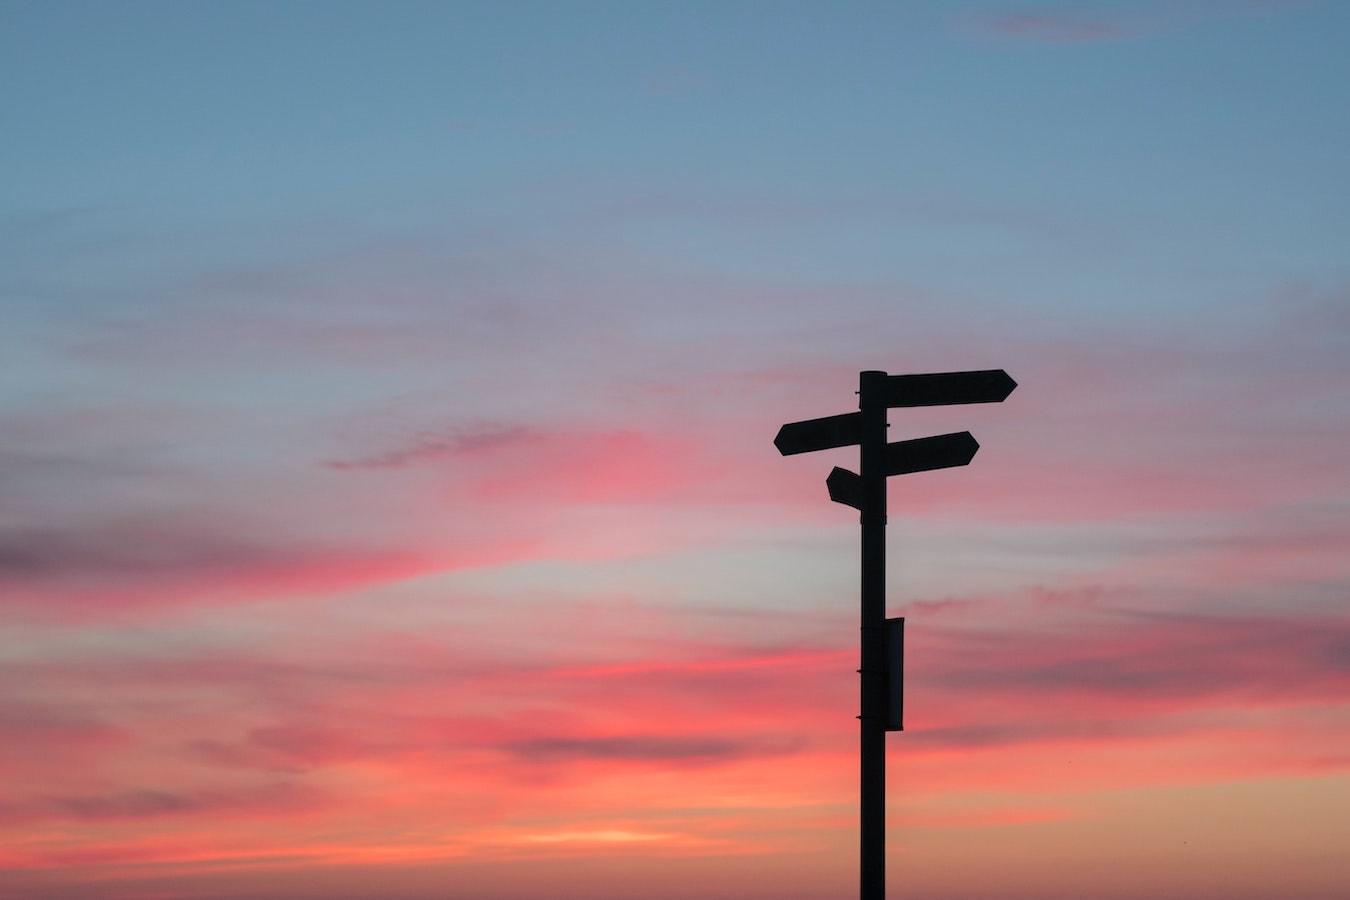 Wegweiser Schild schöner Sonnenuntergang